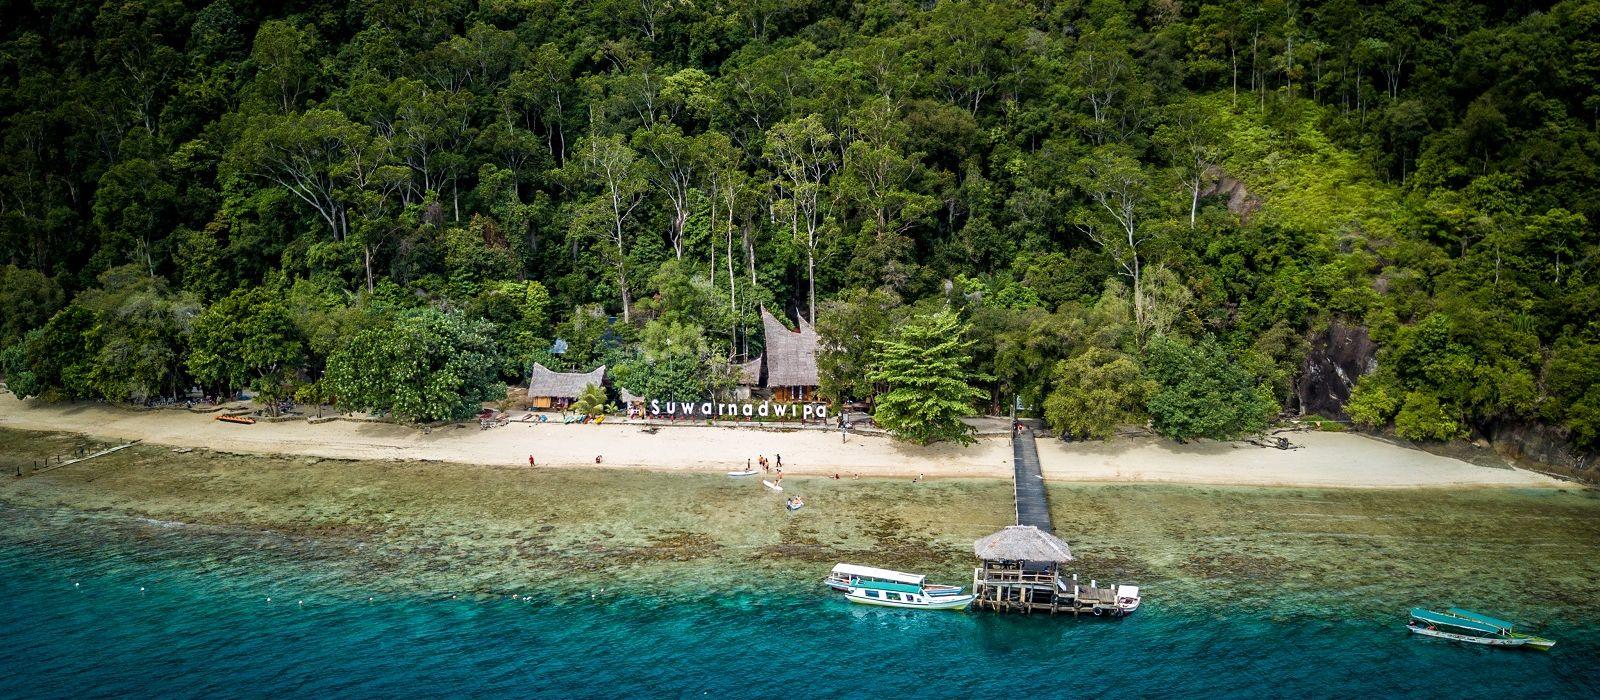 Die Highlights von Sulawesi und Sumatra Urlaub 4